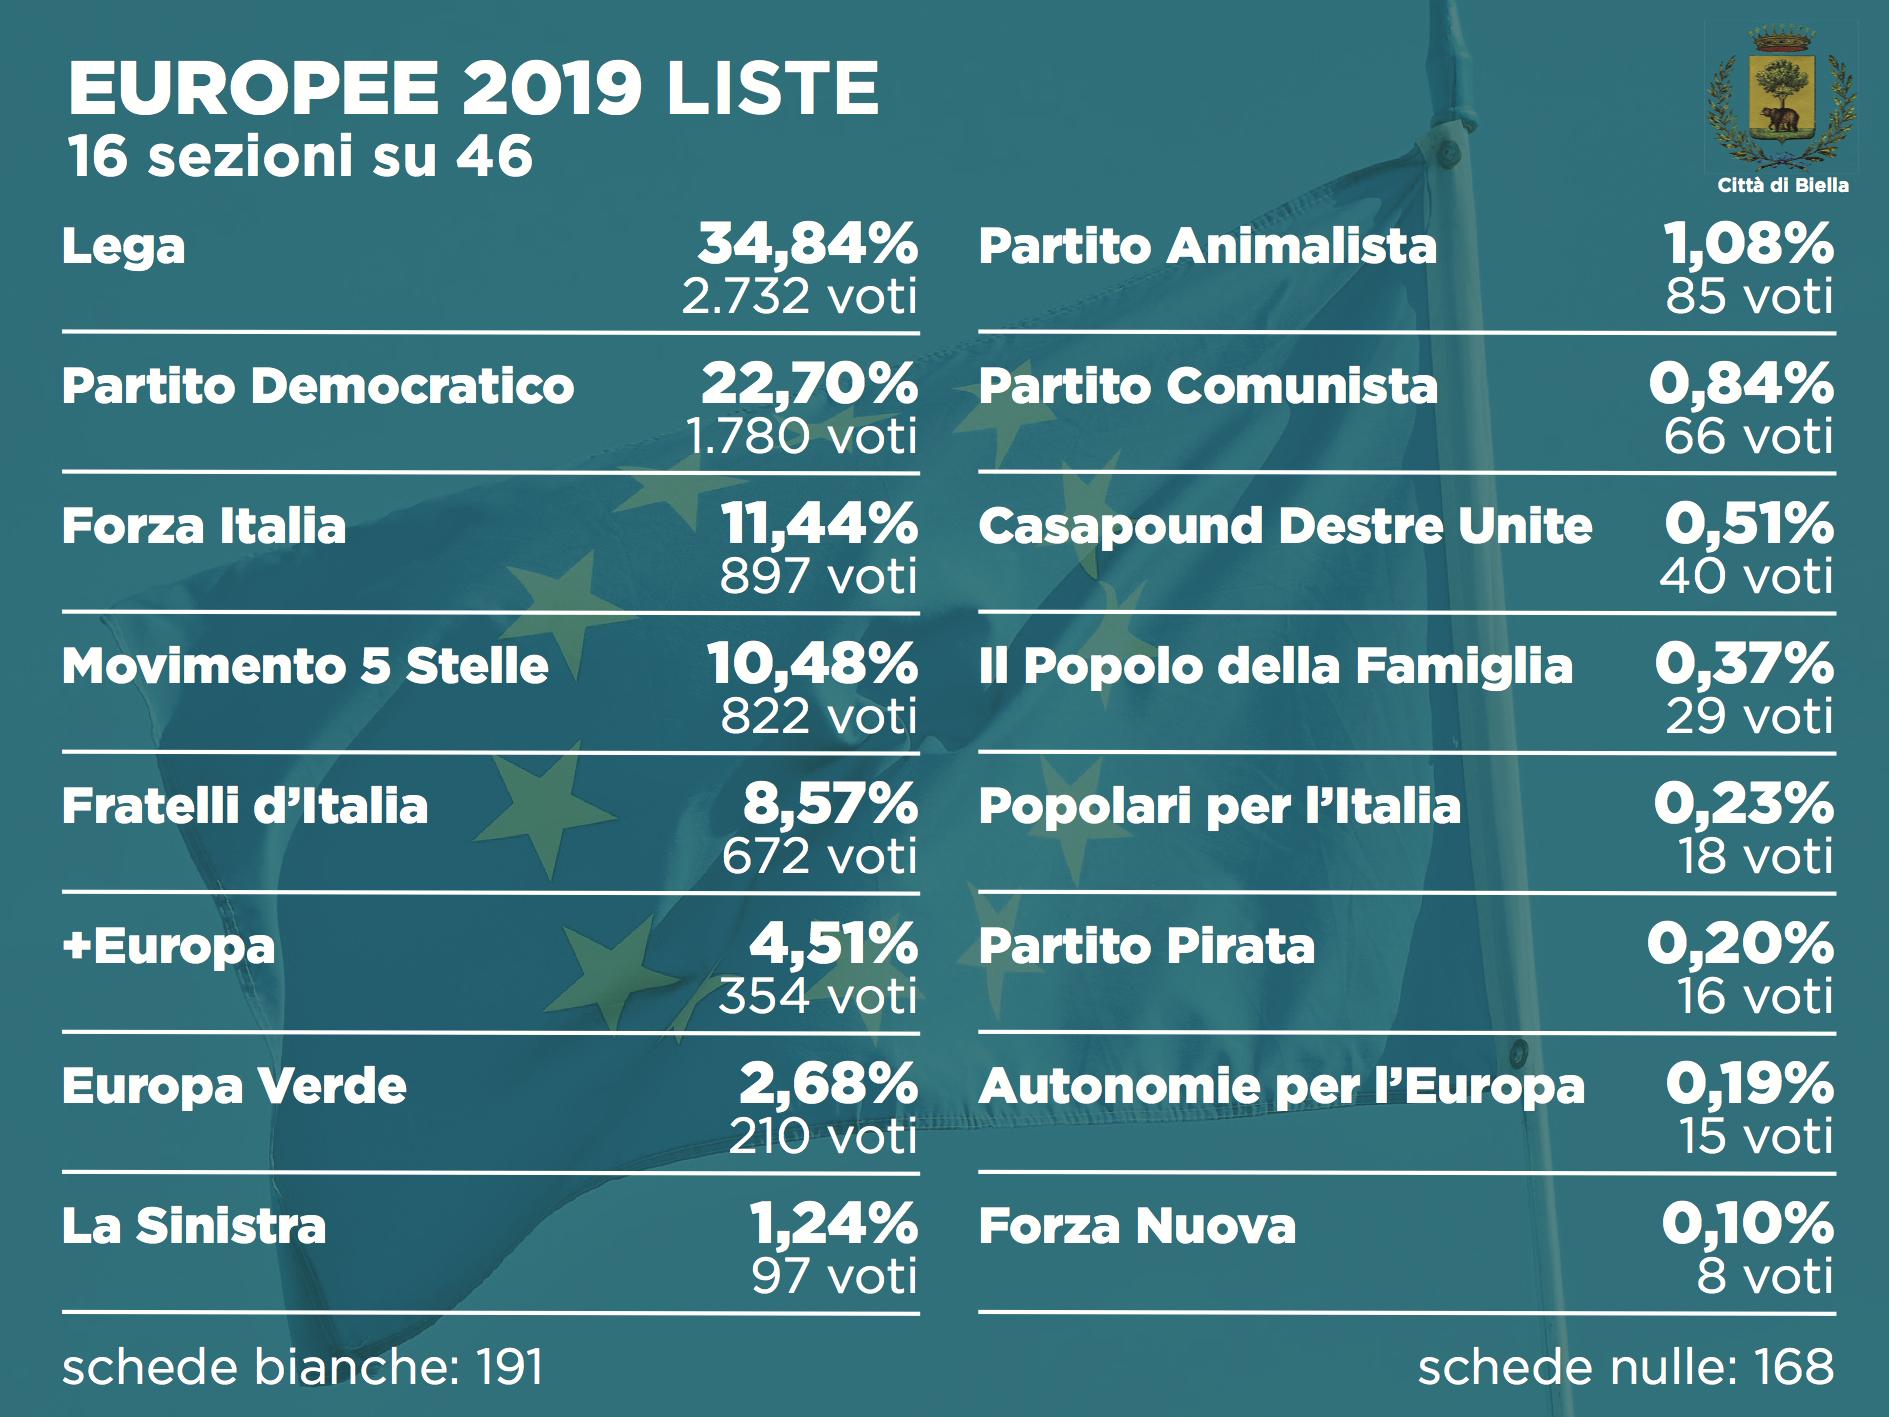 Elezioni 2019, i risultati alle europee dopo 16 sezioni